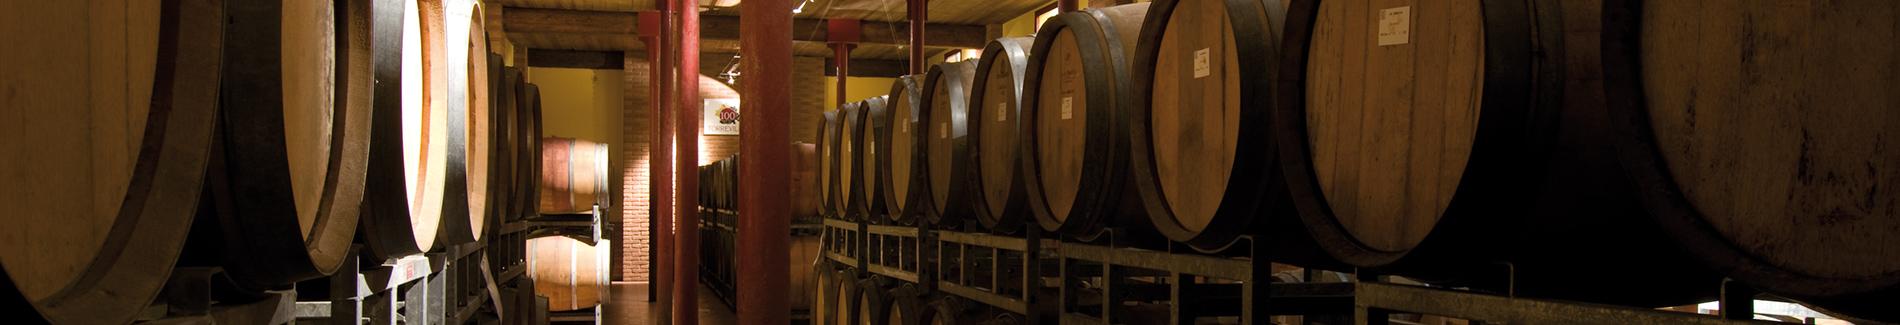 Affinamento e maturazione dei vini